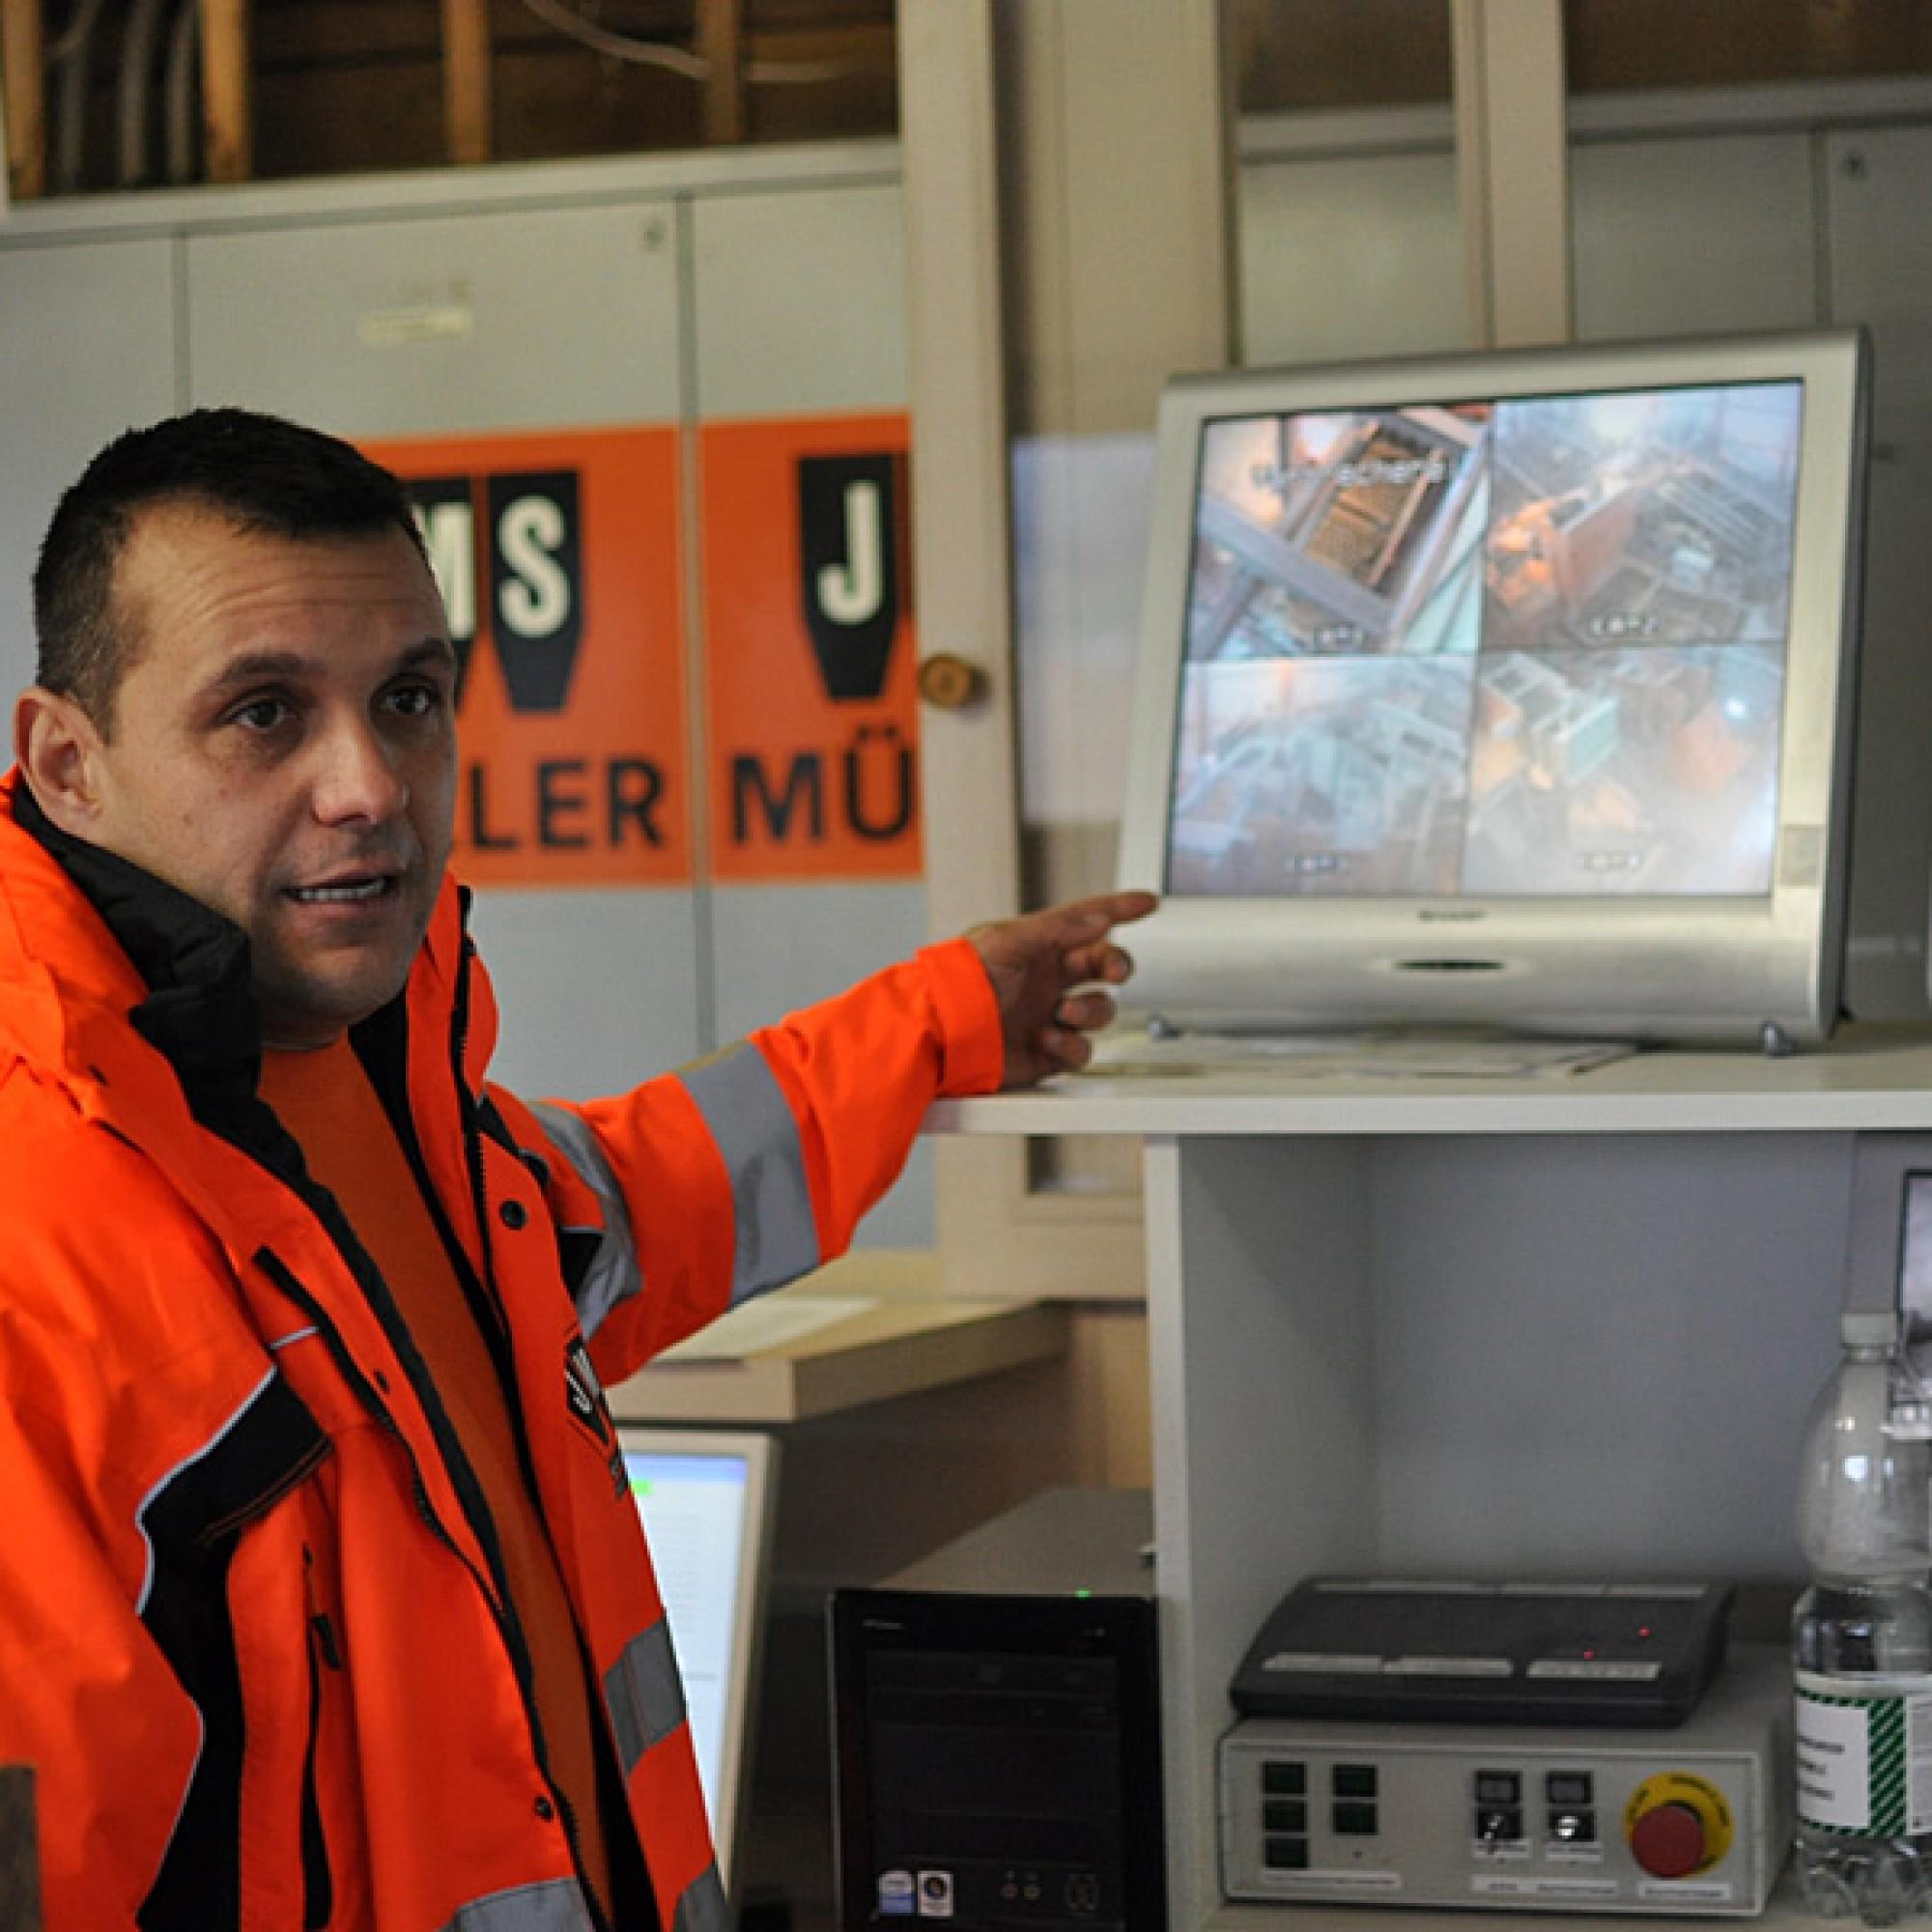 Urs Müller, der beim Kieswerk der JMS AG in Grynau arbeitet, hat auch den Kurs zum Rohstoffaufbereiter absolviert. (Bild: Frédéric Zwicker)